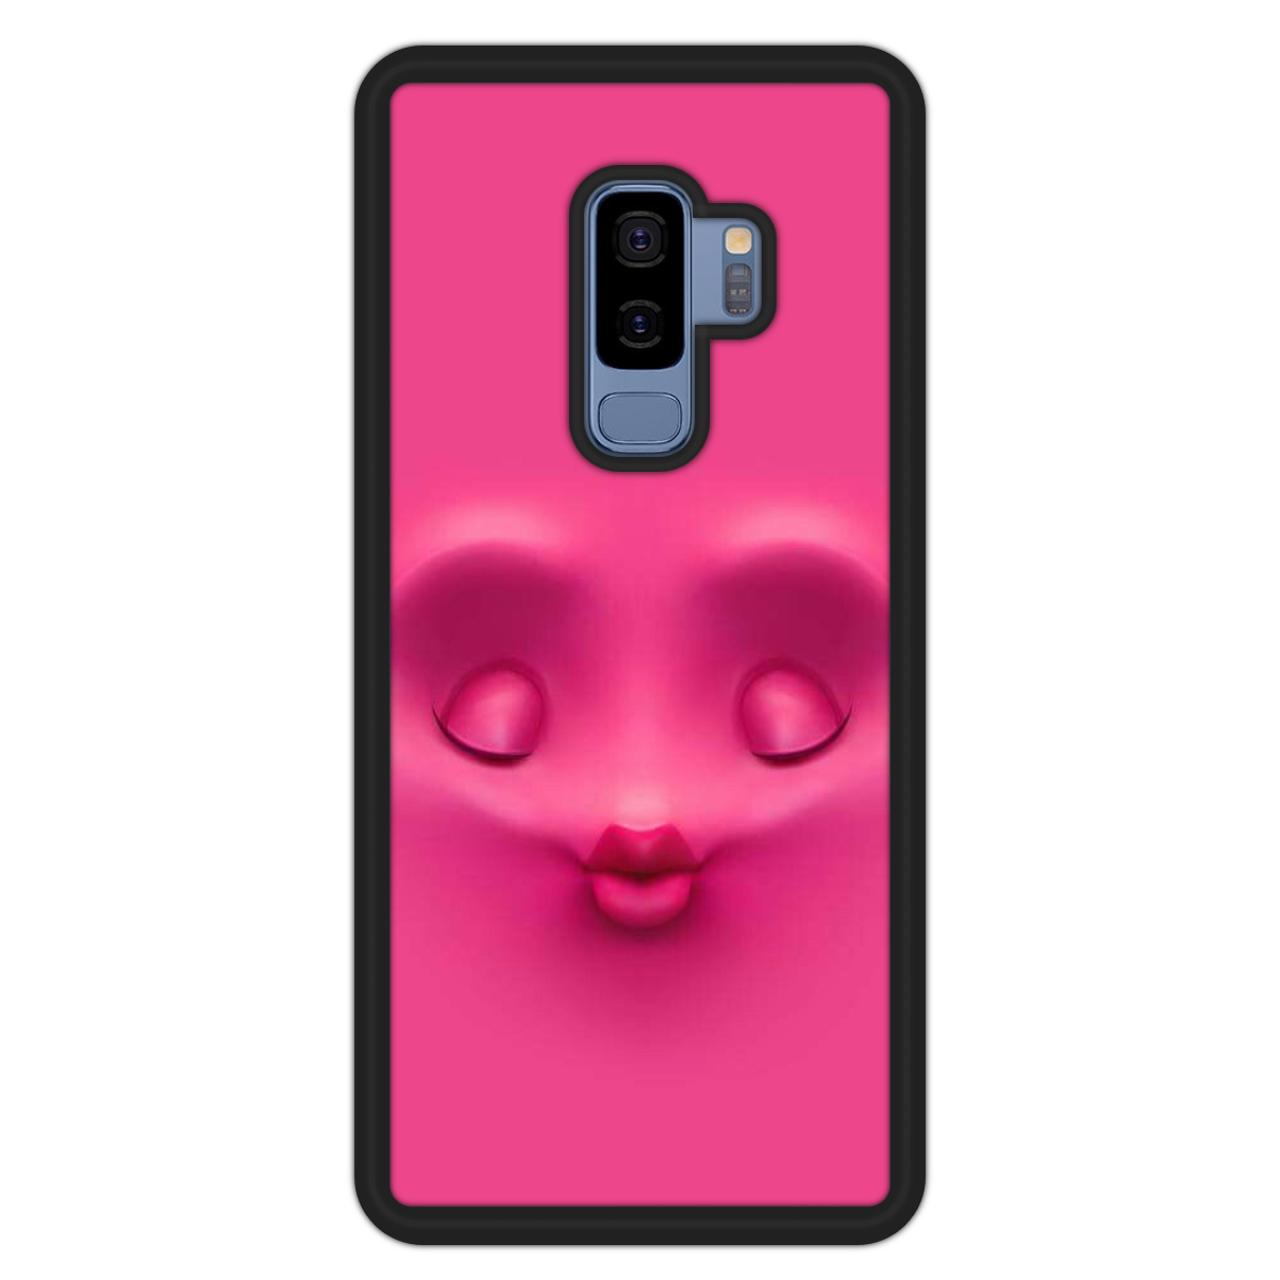 کاور مدل AS9P0587 مناسب برای گوشی موبایل سامسونگ Galaxy S9 plus